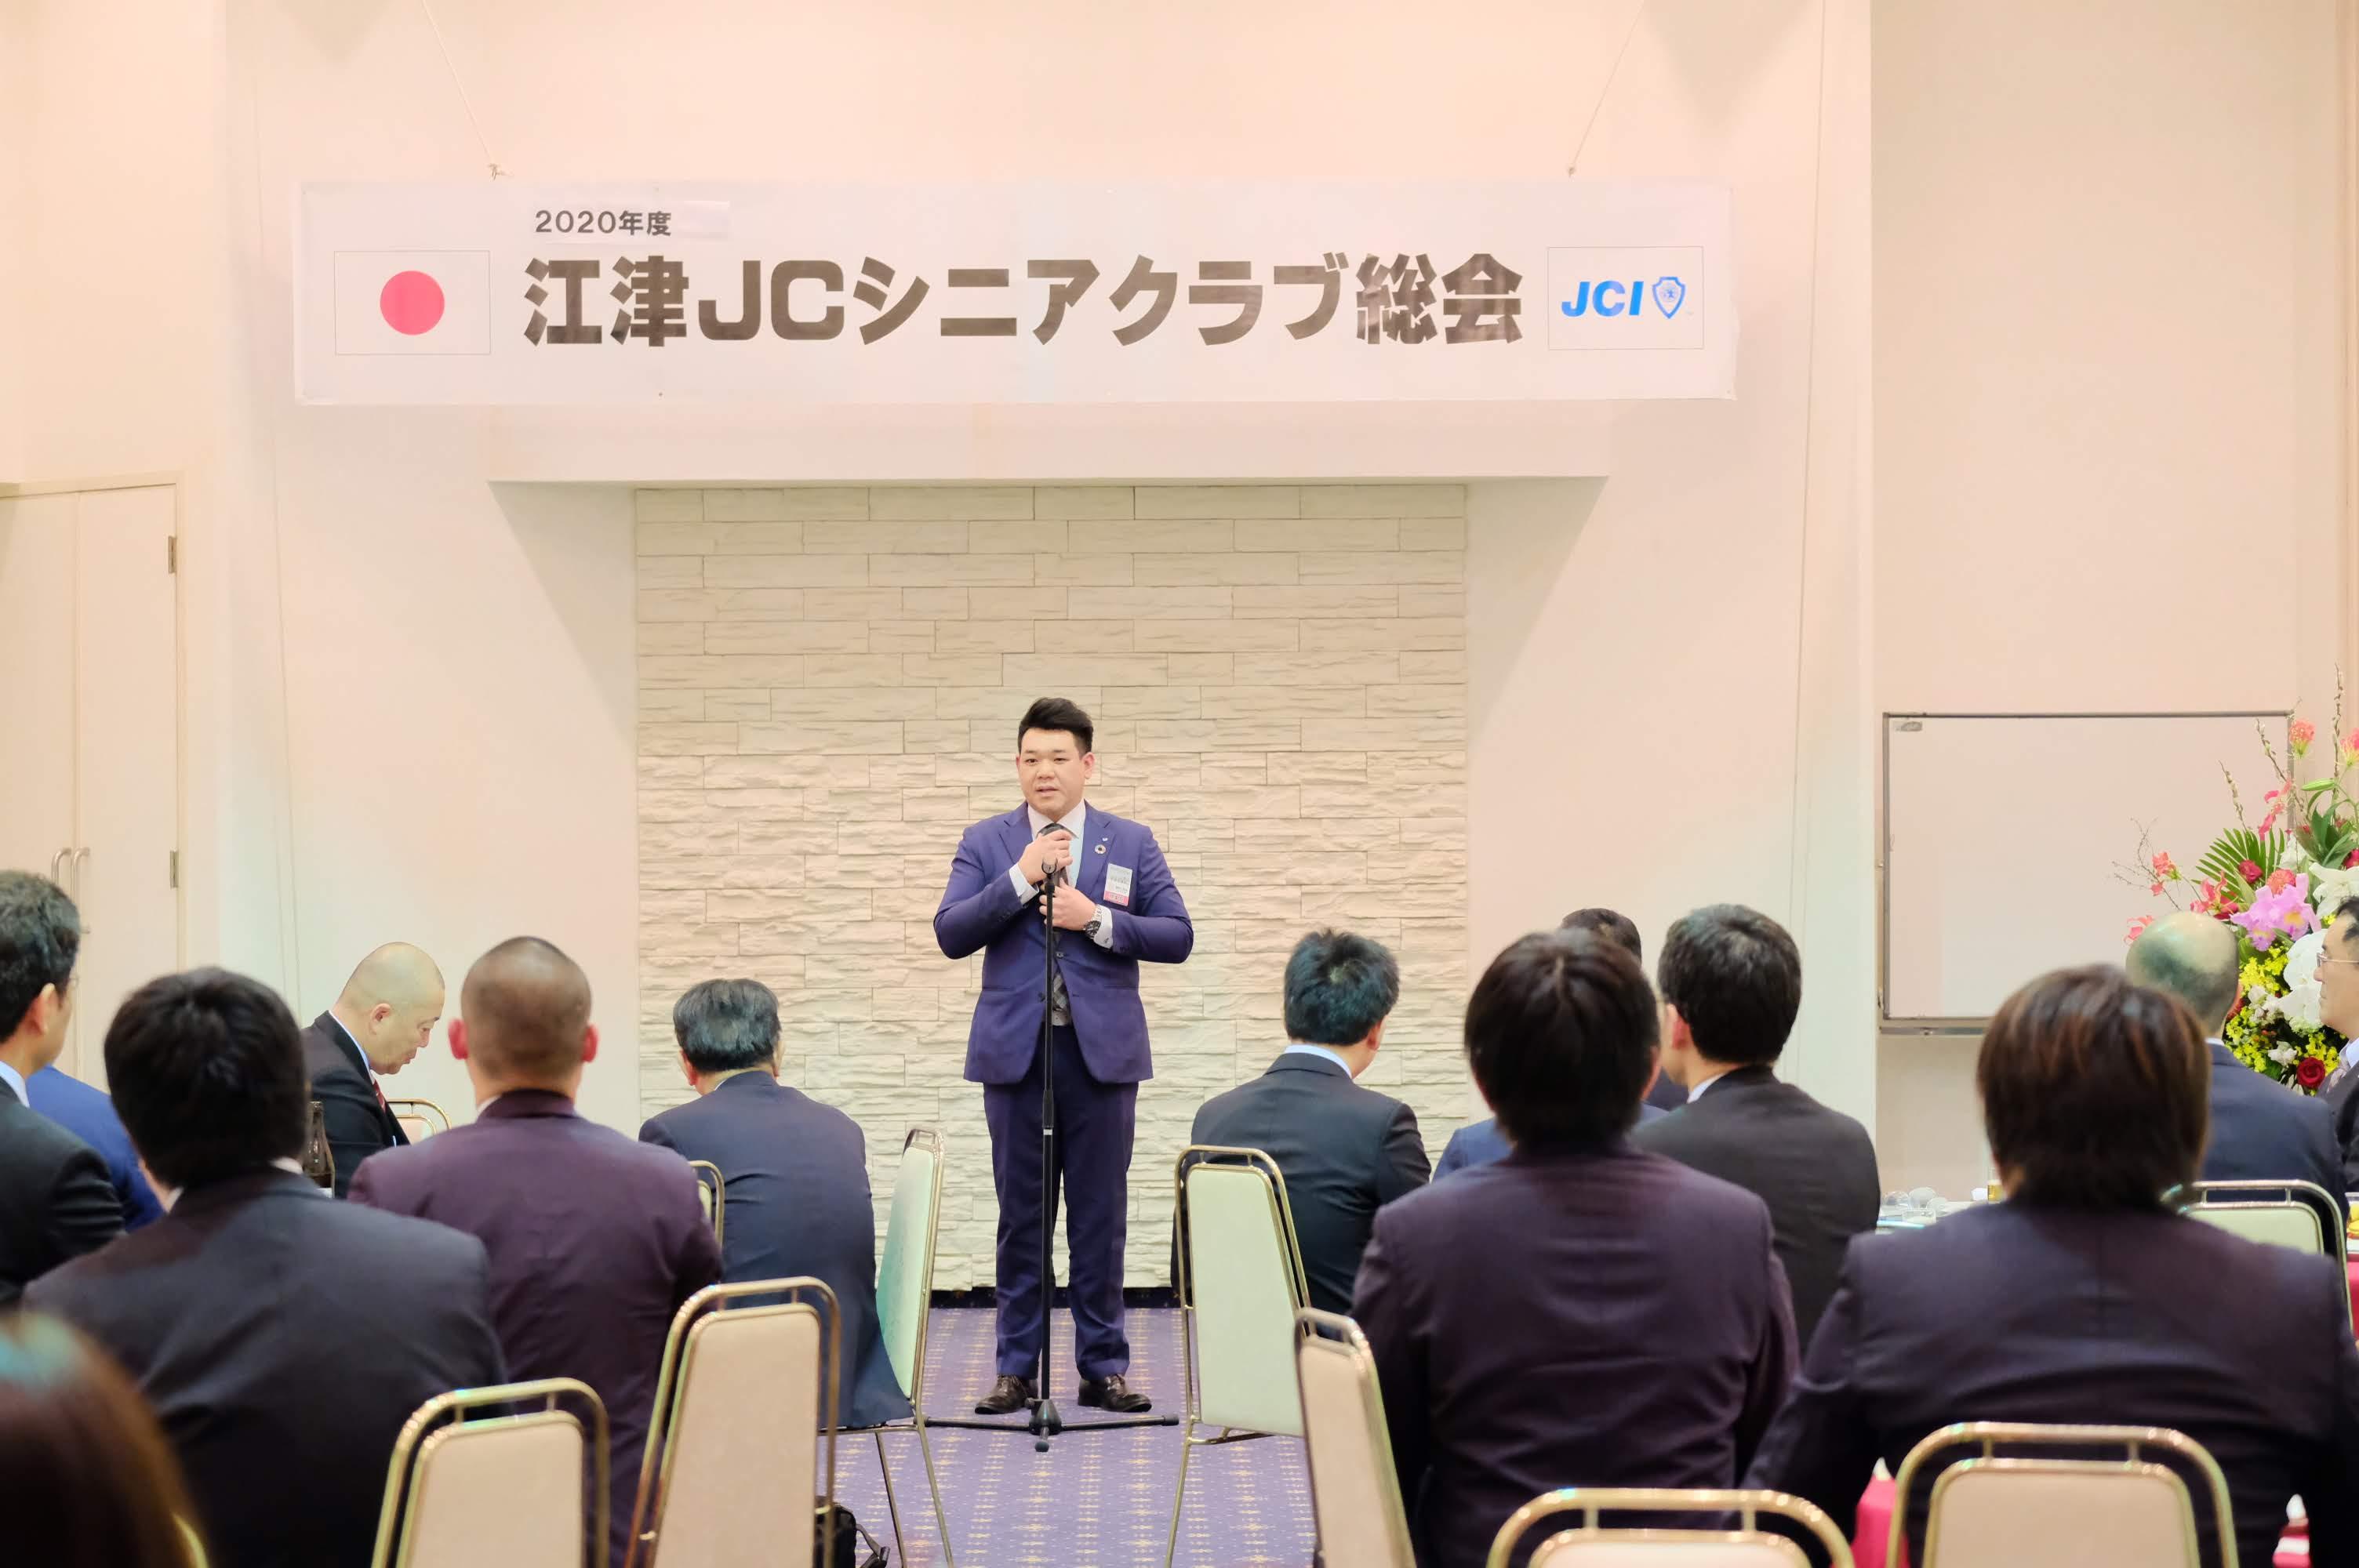 2020年度江津JCシニア総会